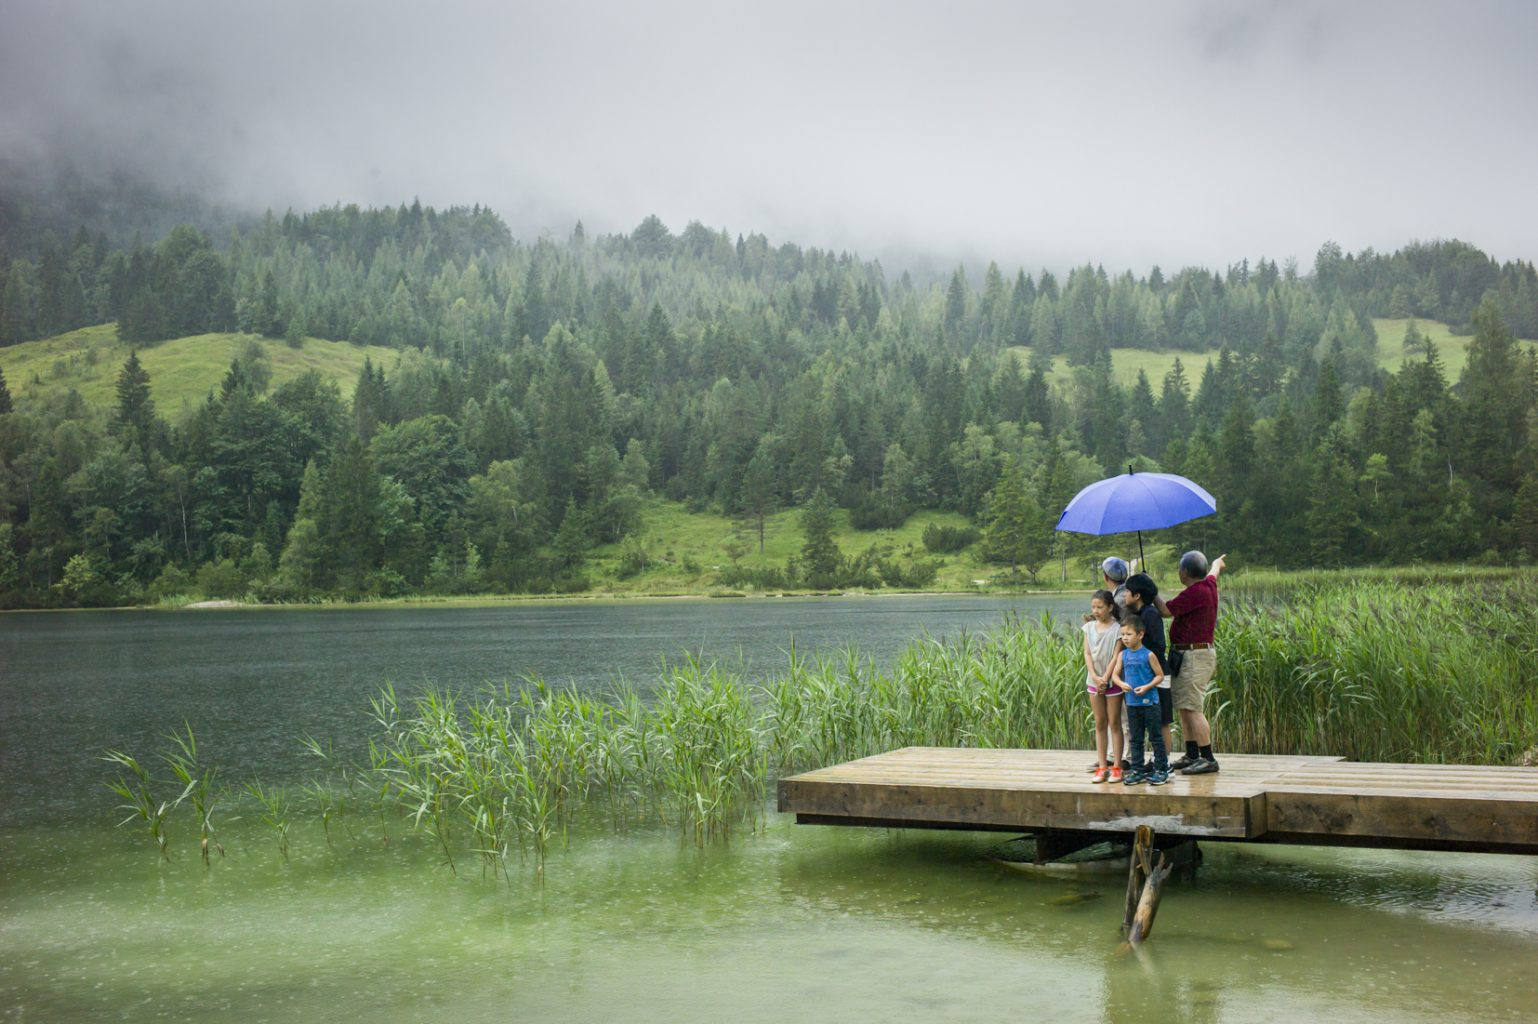 Touristen am Ferchensee, Mittelwald, 9. August 2014